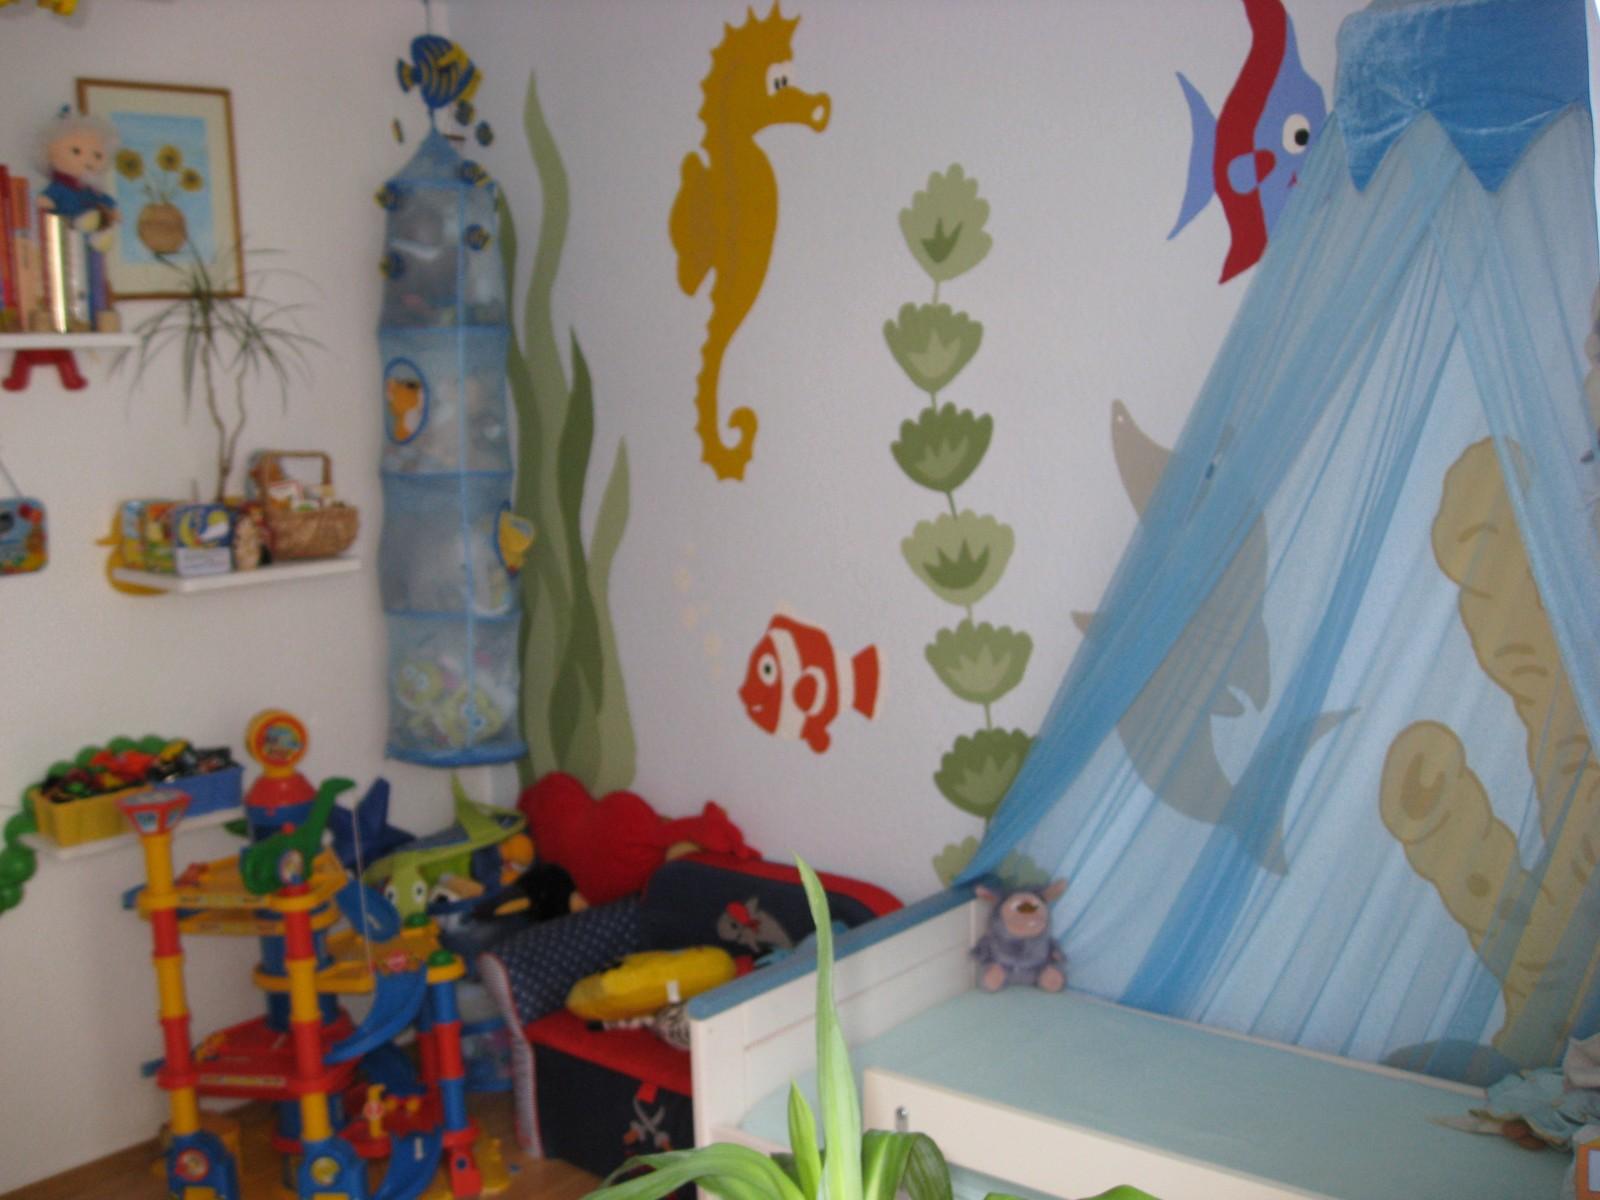 Kinderzimmer \'Unterwasserwelt\' - Home of the 3 Martini`s - Zimmerschau